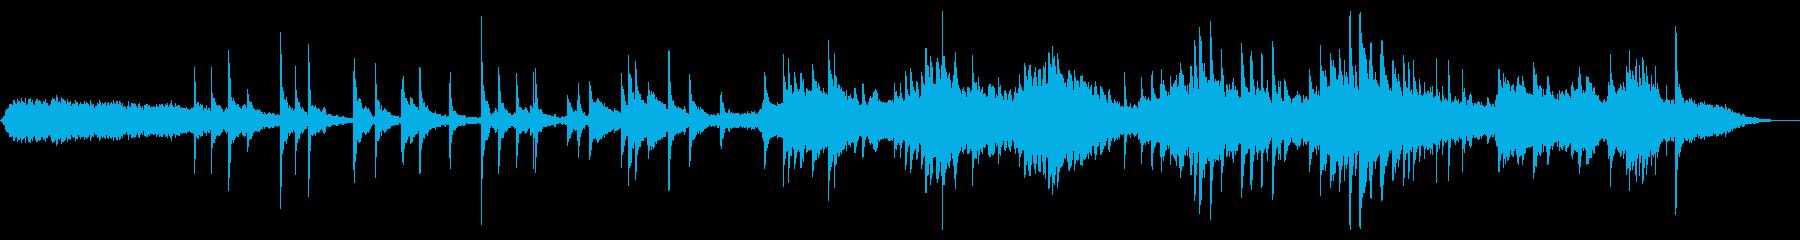 アンビエントなピアノソロとストリングスの再生済みの波形